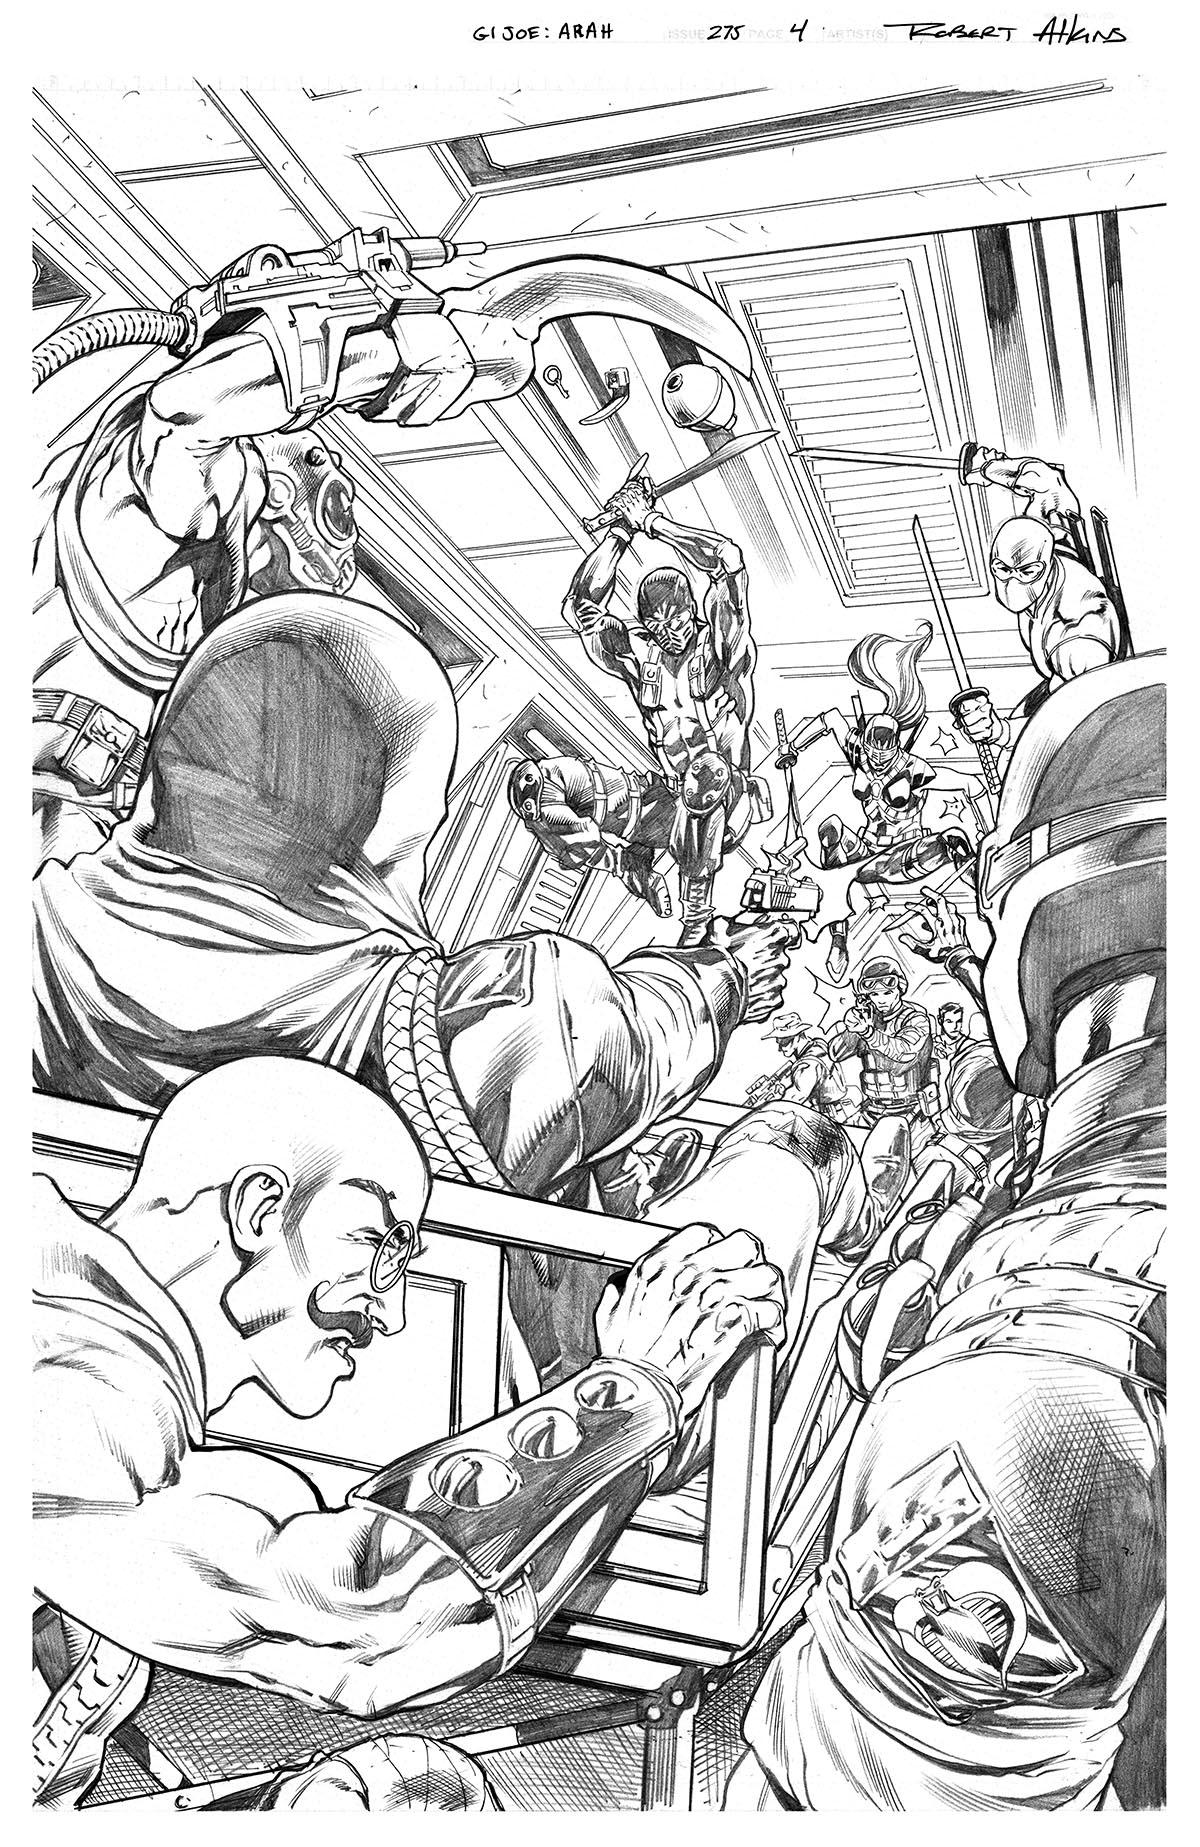 GI JOE #275 pg 4